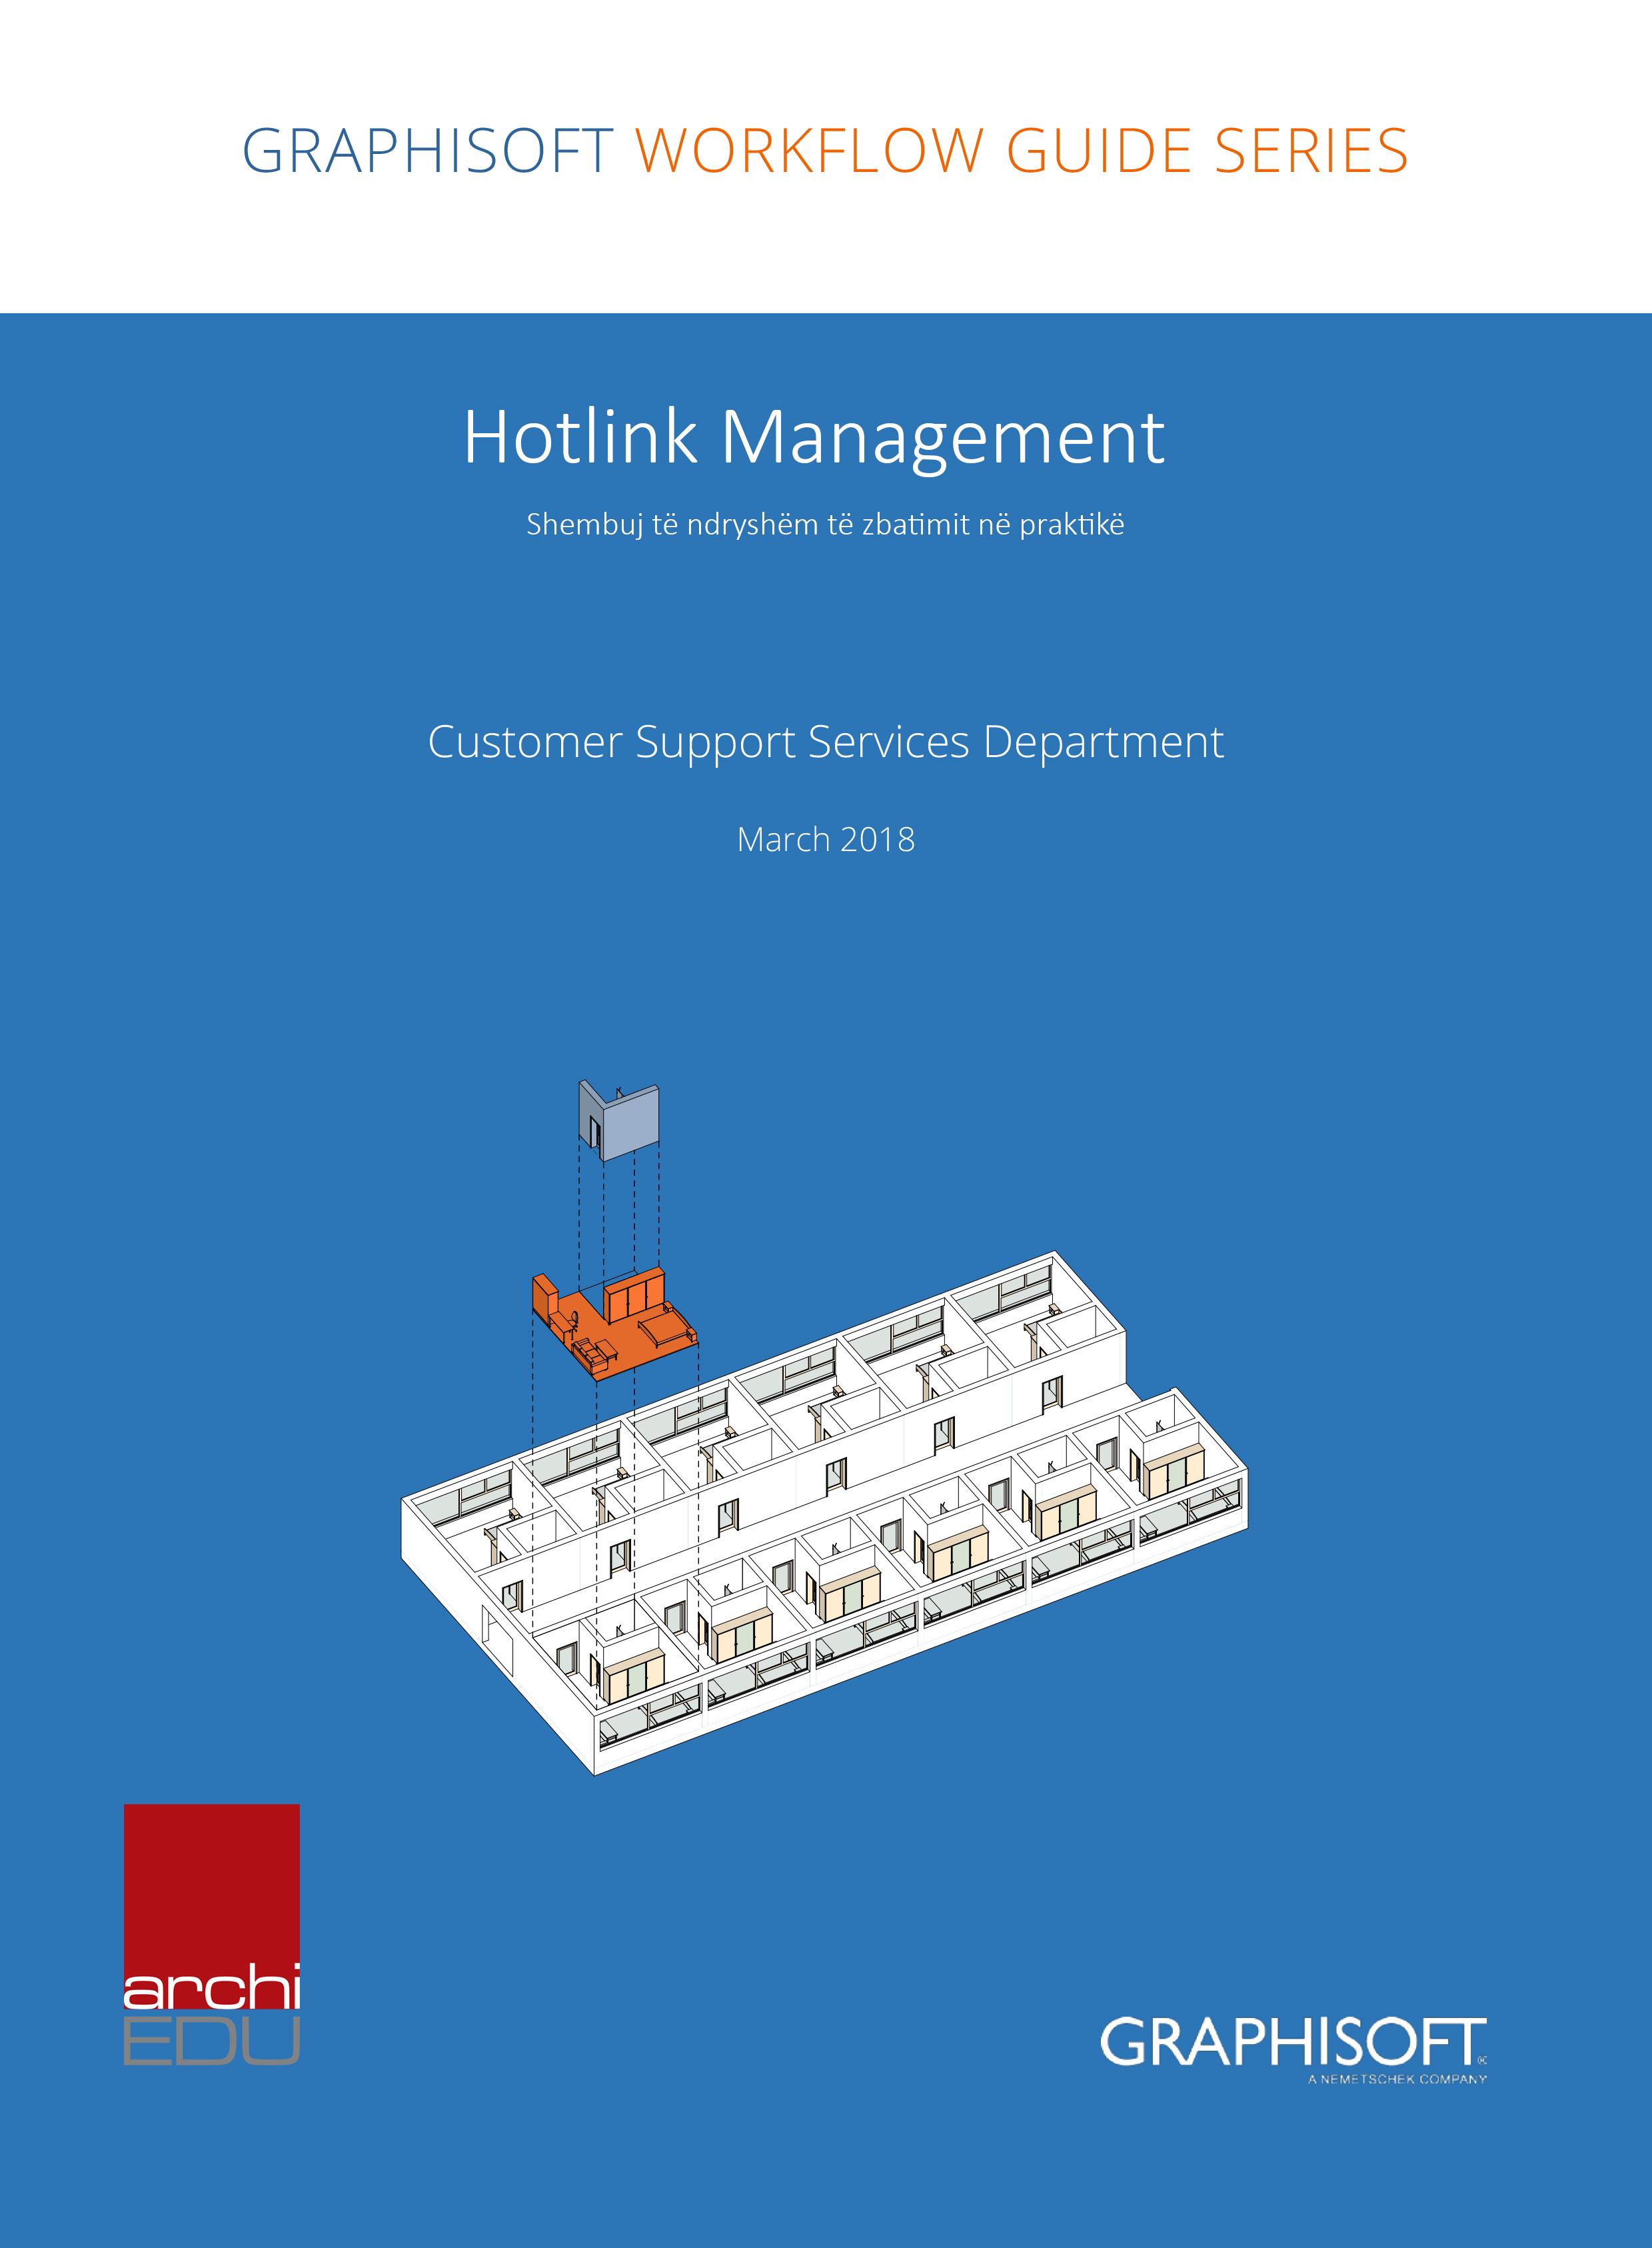 GWG_Hotlink-Management.jpg